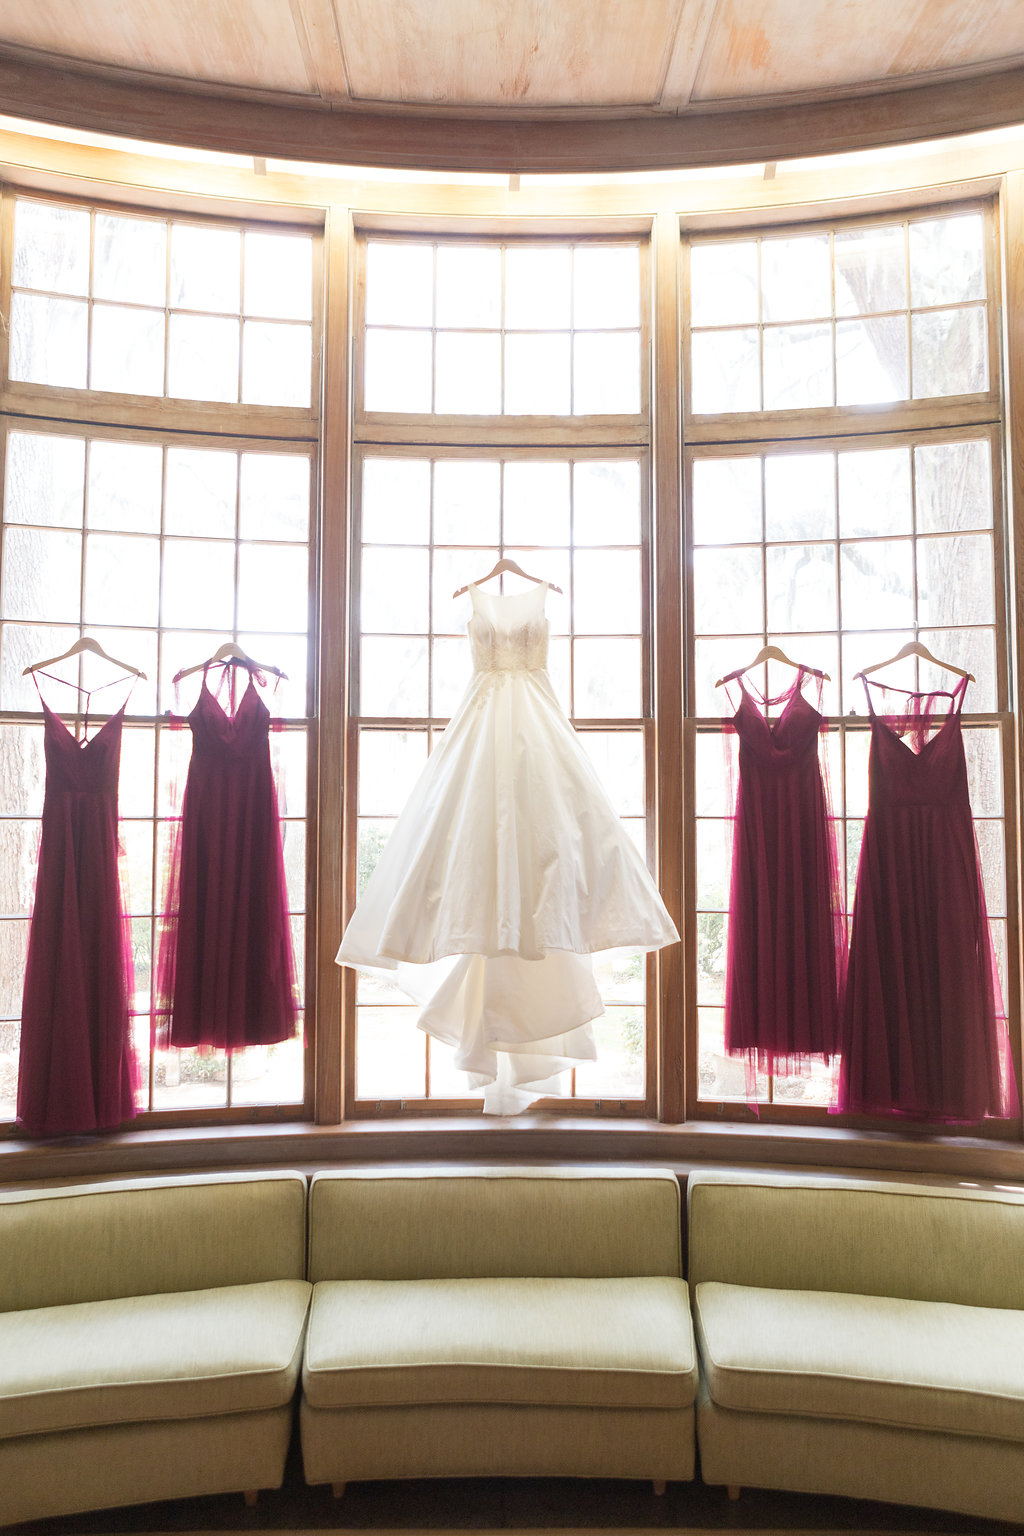 Gorgeous Wedding Dresses - Musgrove Plantation Georgia Wedding Venue